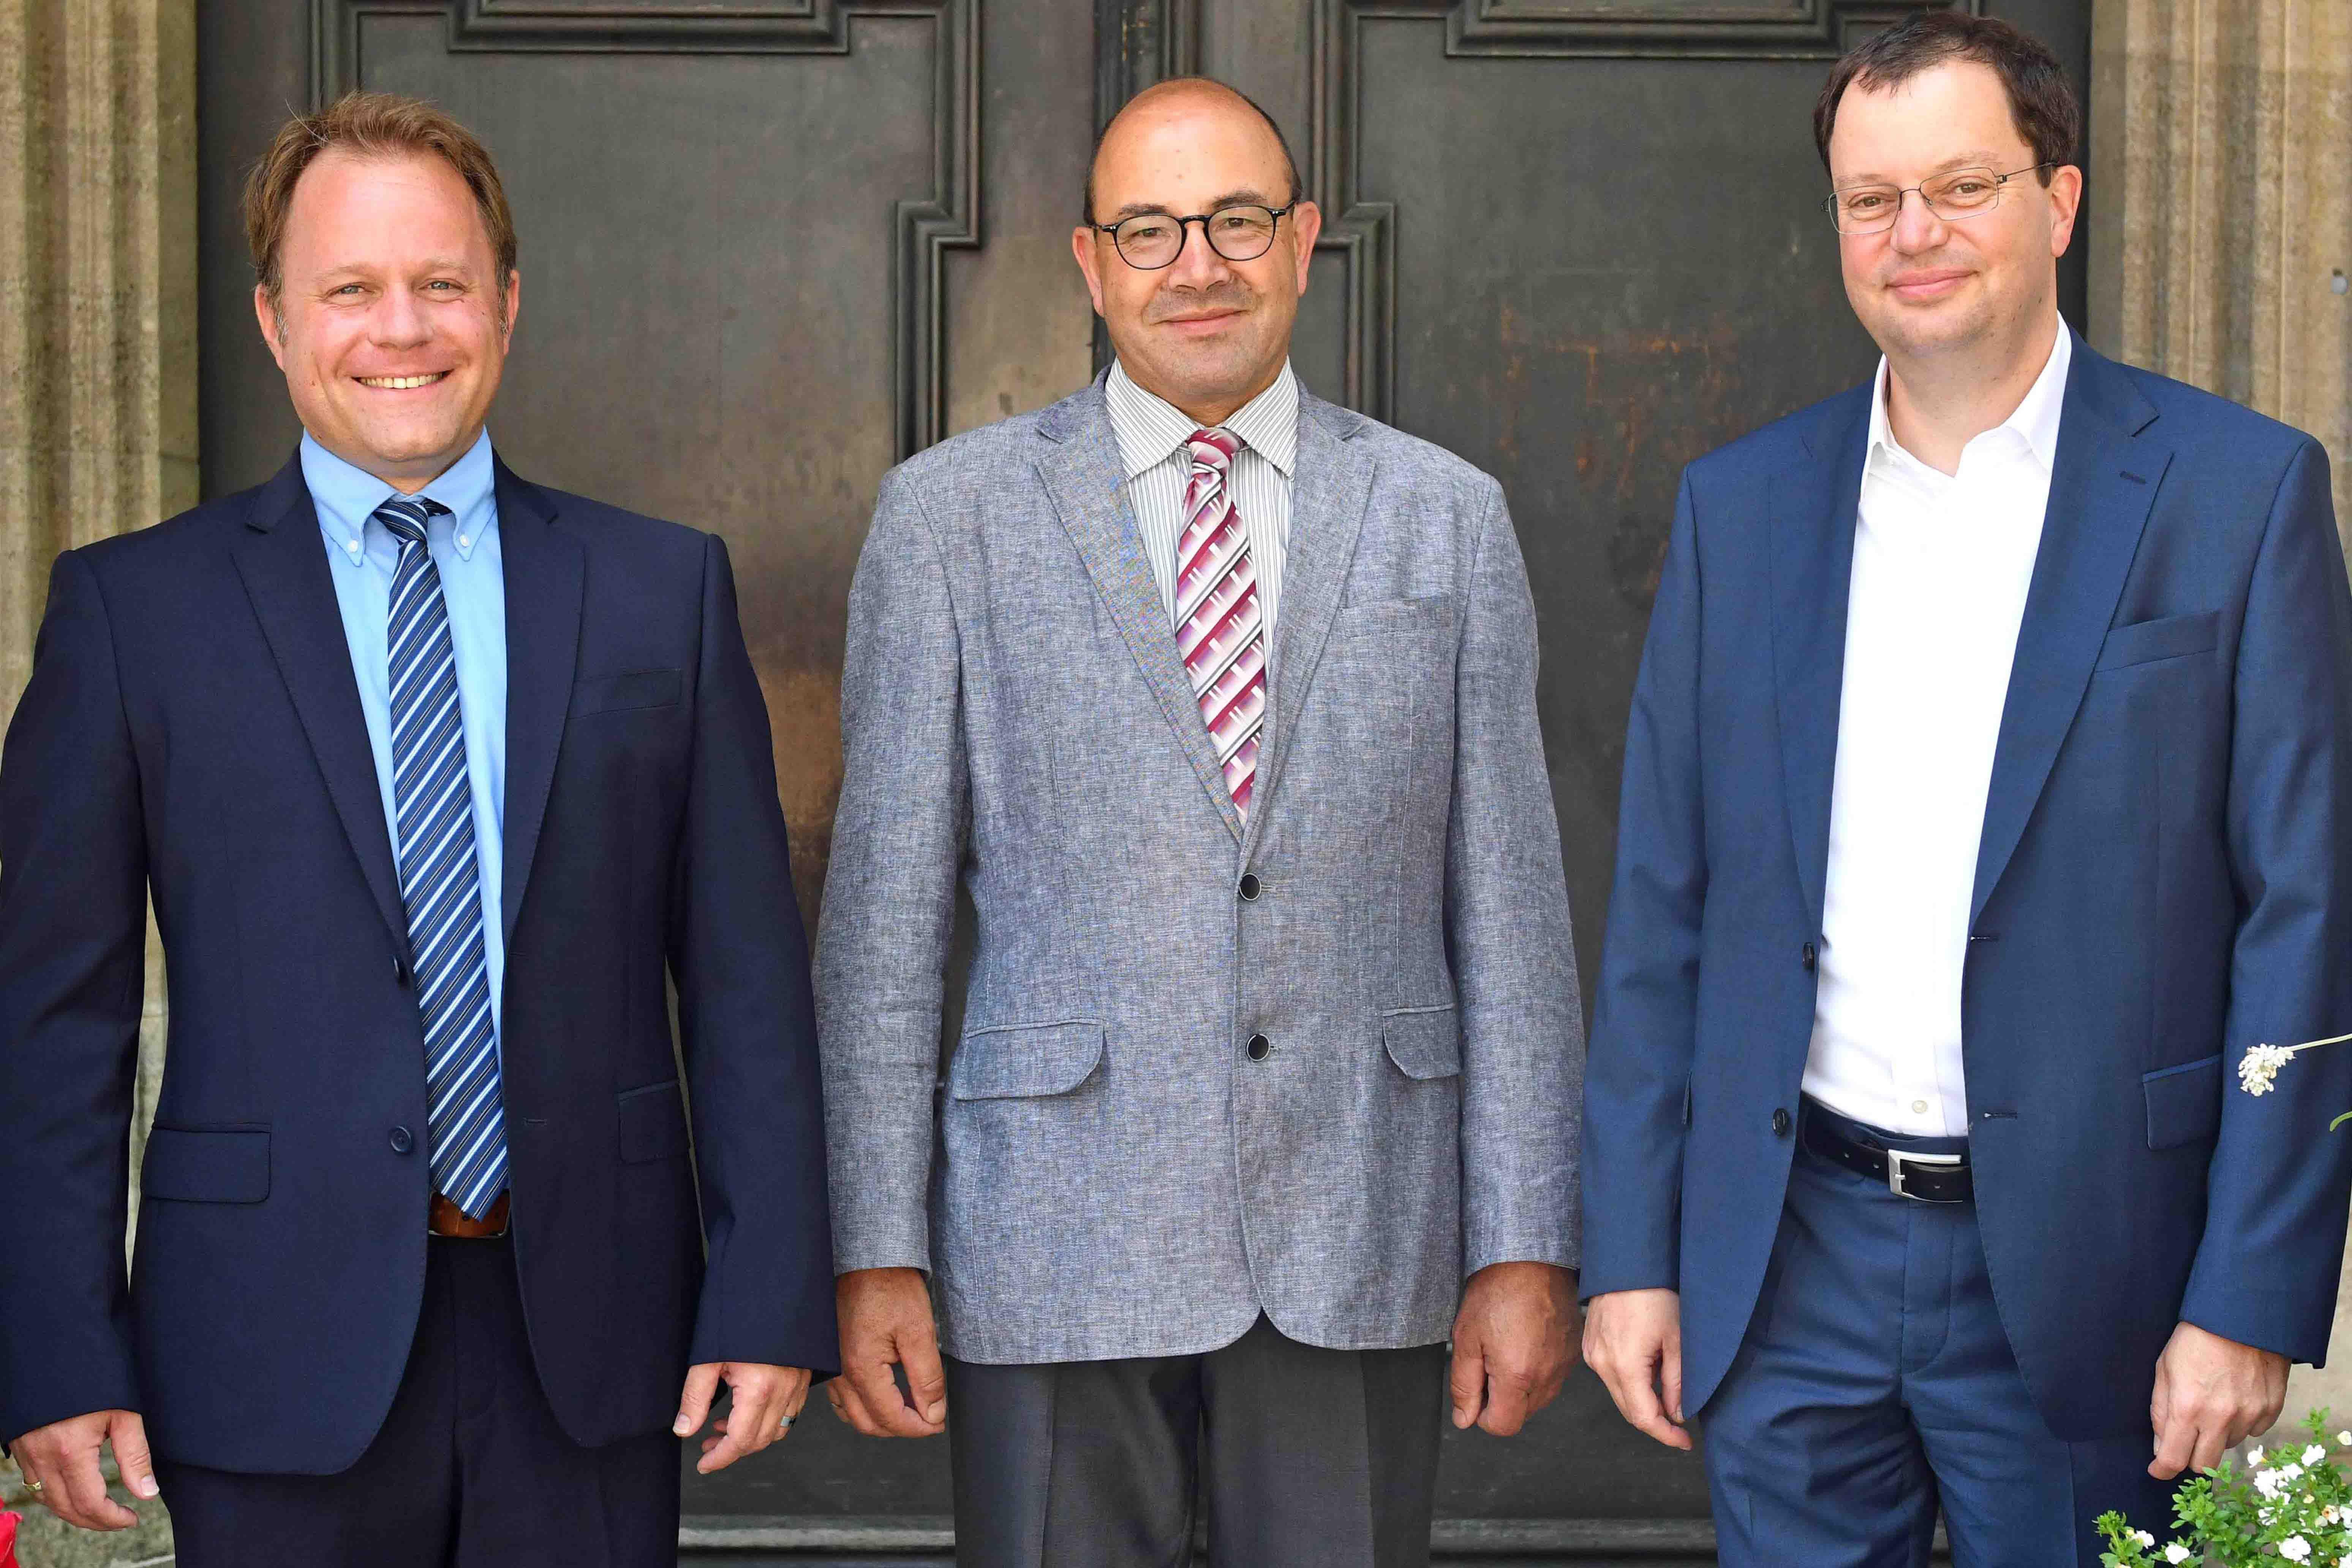 Die drei Weihekandidaten vor dem Hauptportal der Ulrichsbasilika (v.l.): Franz Eduard Schmidt, Franz Pemsl und Martin Lehmann. (Foto: Nicolas Schnall / pba)